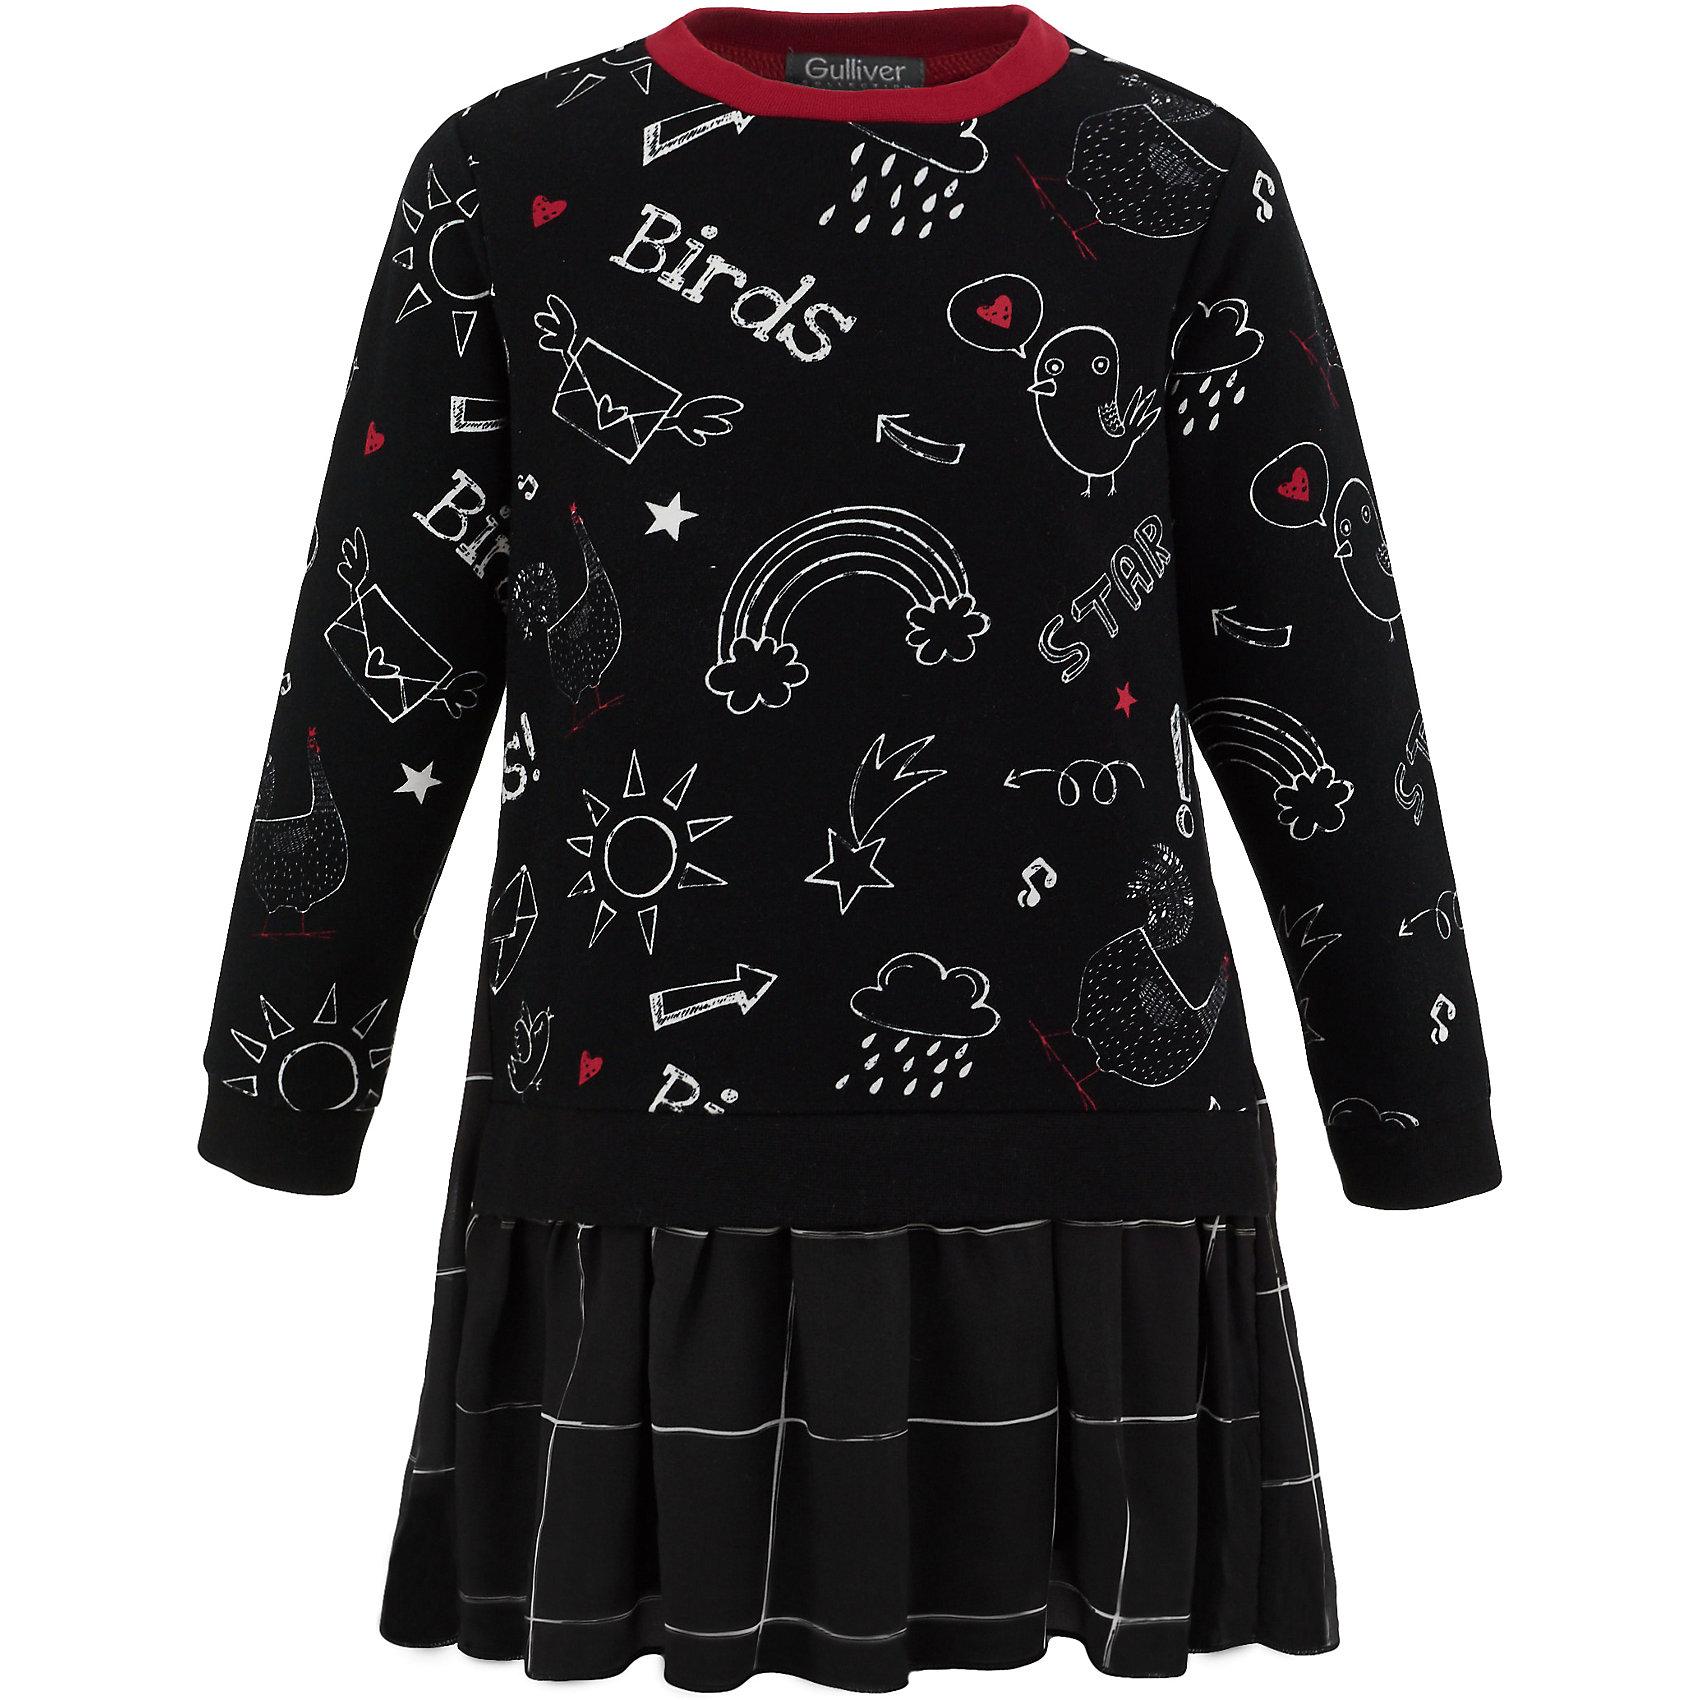 Платье Gulliver для девочкиПлатья и сарафаны<br>Платье Gulliver для девочки<br>Отличное трикотажное платье из коллекции Графический этюд станет хитом стильного и функционального гардероба ребенка. Вы больше можете не ломать голову над тем, какое платье купить для детского сада, т.к. эта модель соответствует всем объективным требованиям. Выполненное из хлопка с эластаном, платье с длинным рукавом уютное, но не жаркое. Легкий трапециевидный силуэт создает комфортный объем, что очень важно для свободы движений в моменты игр и активности. Забавный детский рисунок привлекает своей свежестью и позитивом, делая детское платье очень интересным и ярким и, что немаловажно, практичным и не марким. Клетчатая рюша из воздушного шифона добавляет платью легкую игривость, создавая отличное настроение.<br>Состав:<br>95% хлопок         5% эластан<br><br>Ширина мм: 236<br>Глубина мм: 16<br>Высота мм: 184<br>Вес г: 177<br>Цвет: черный<br>Возраст от месяцев: 60<br>Возраст до месяцев: 72<br>Пол: Женский<br>Возраст: Детский<br>Размер: 116,98,104,110<br>SKU: 7078443